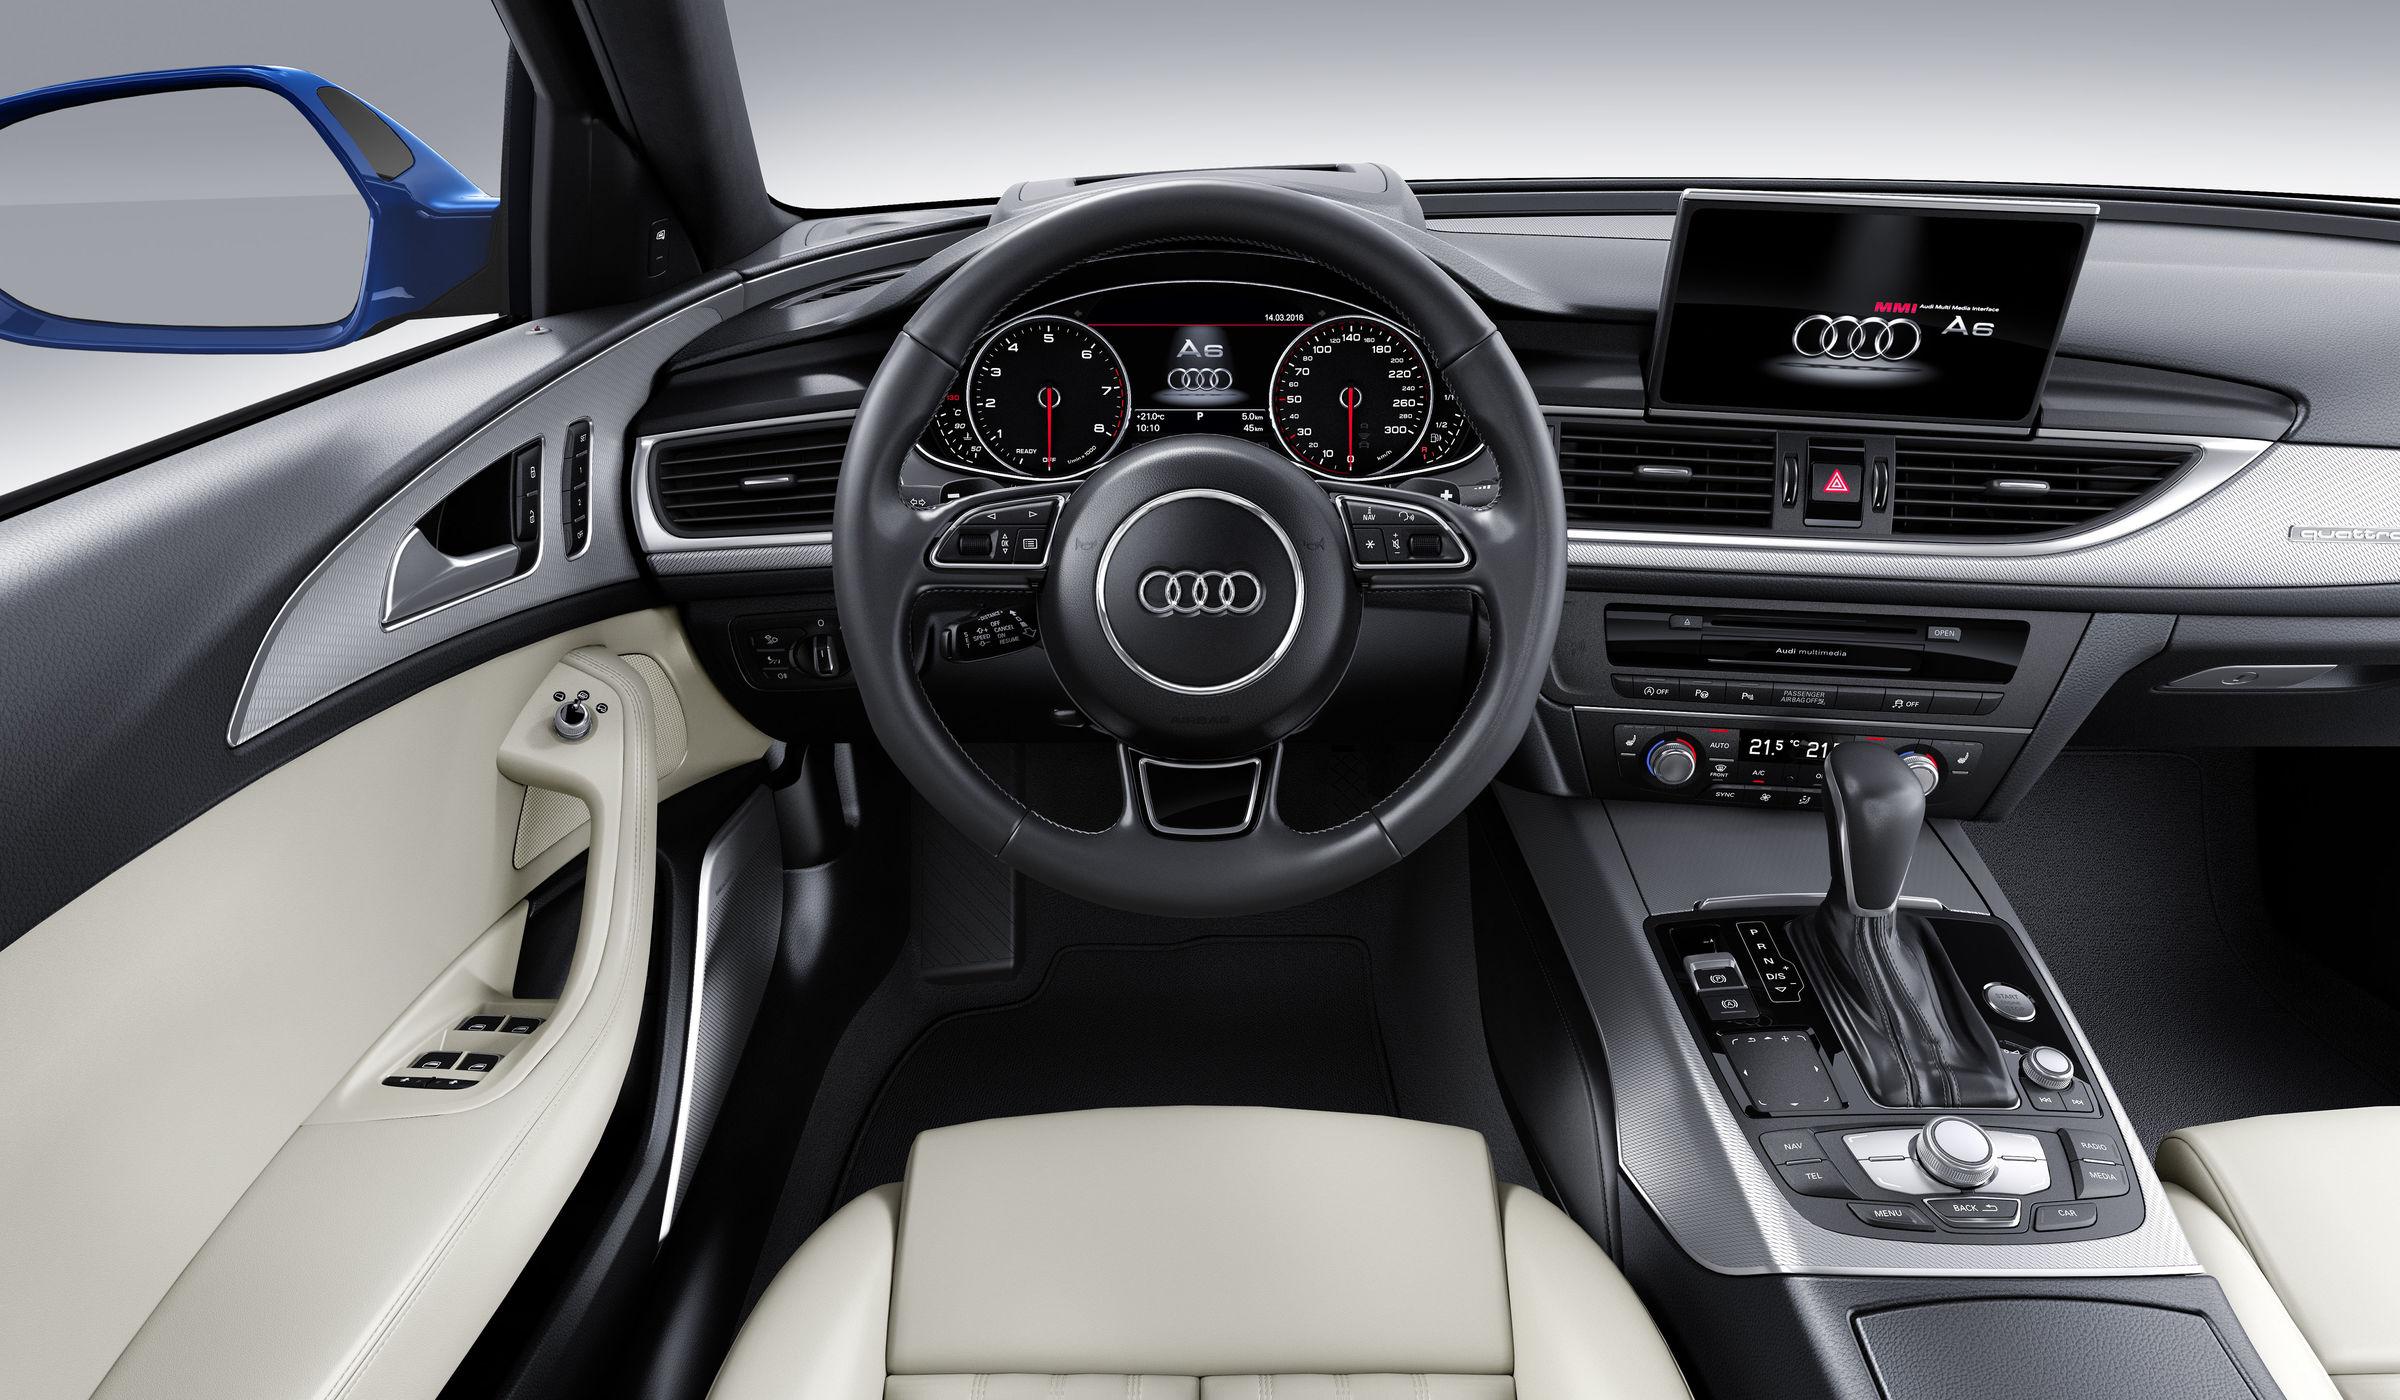 Audi A6 interieur